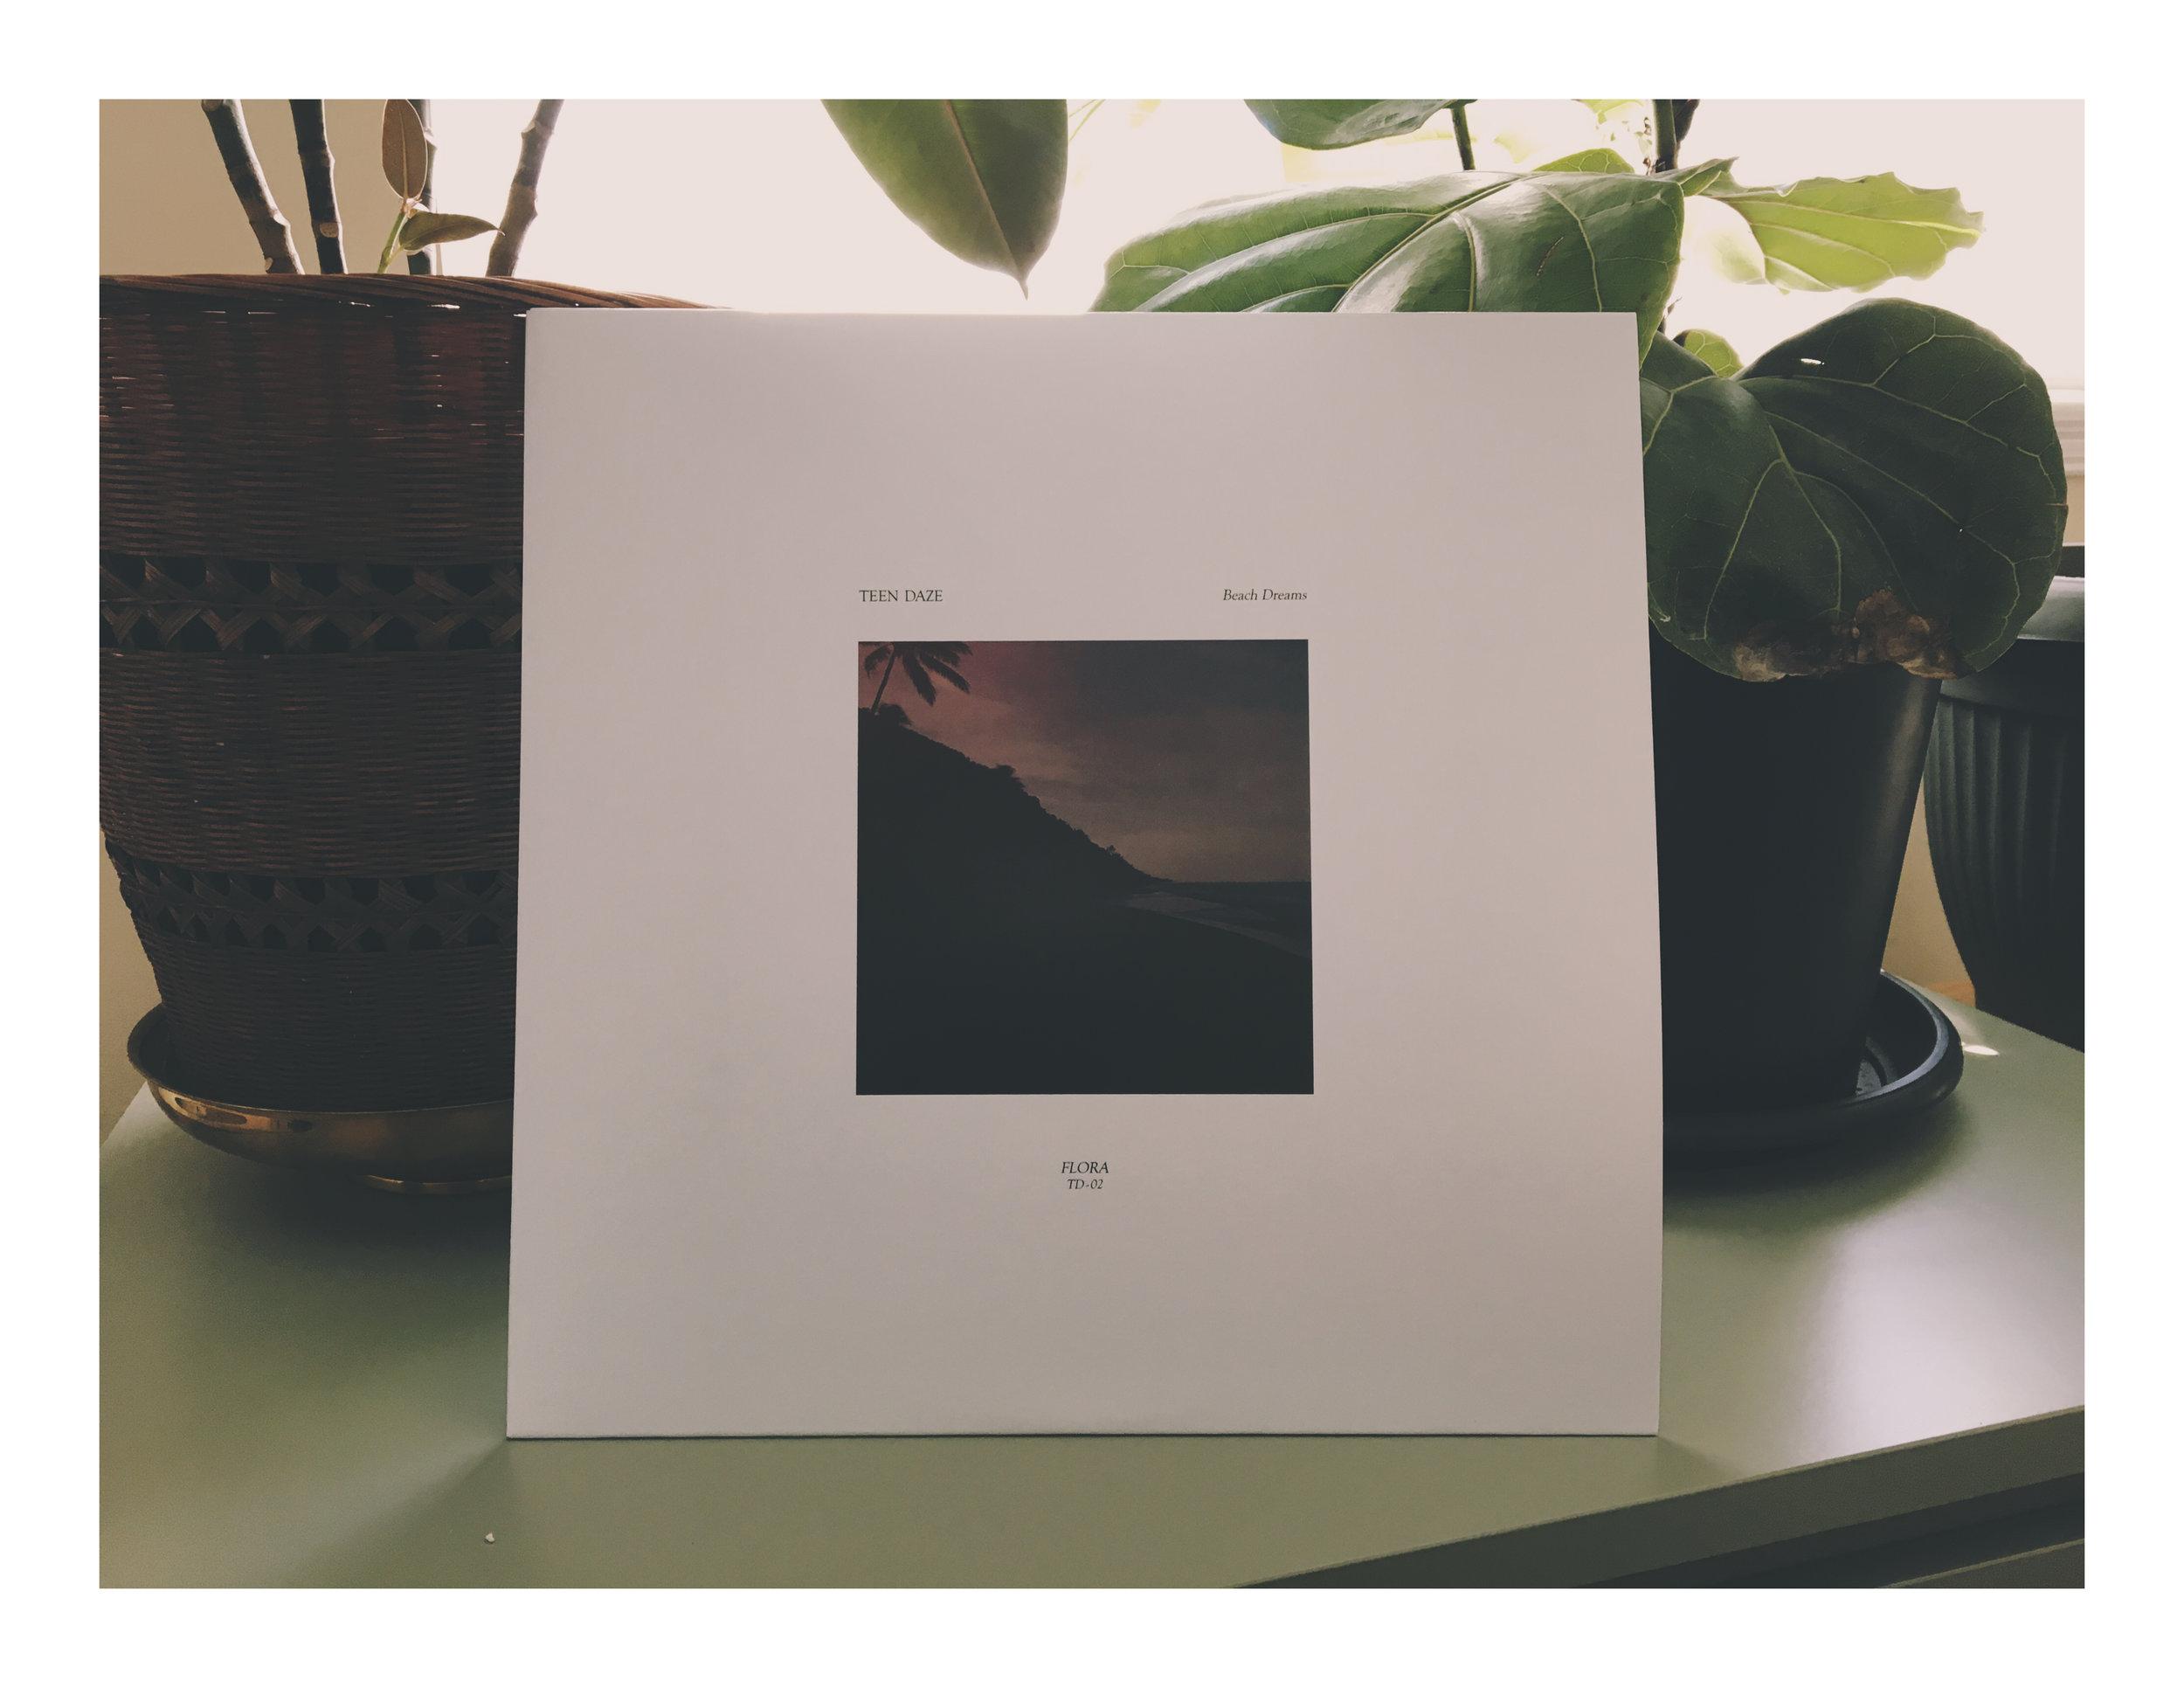 Beach Dreams LP - $15 (plus shipping)